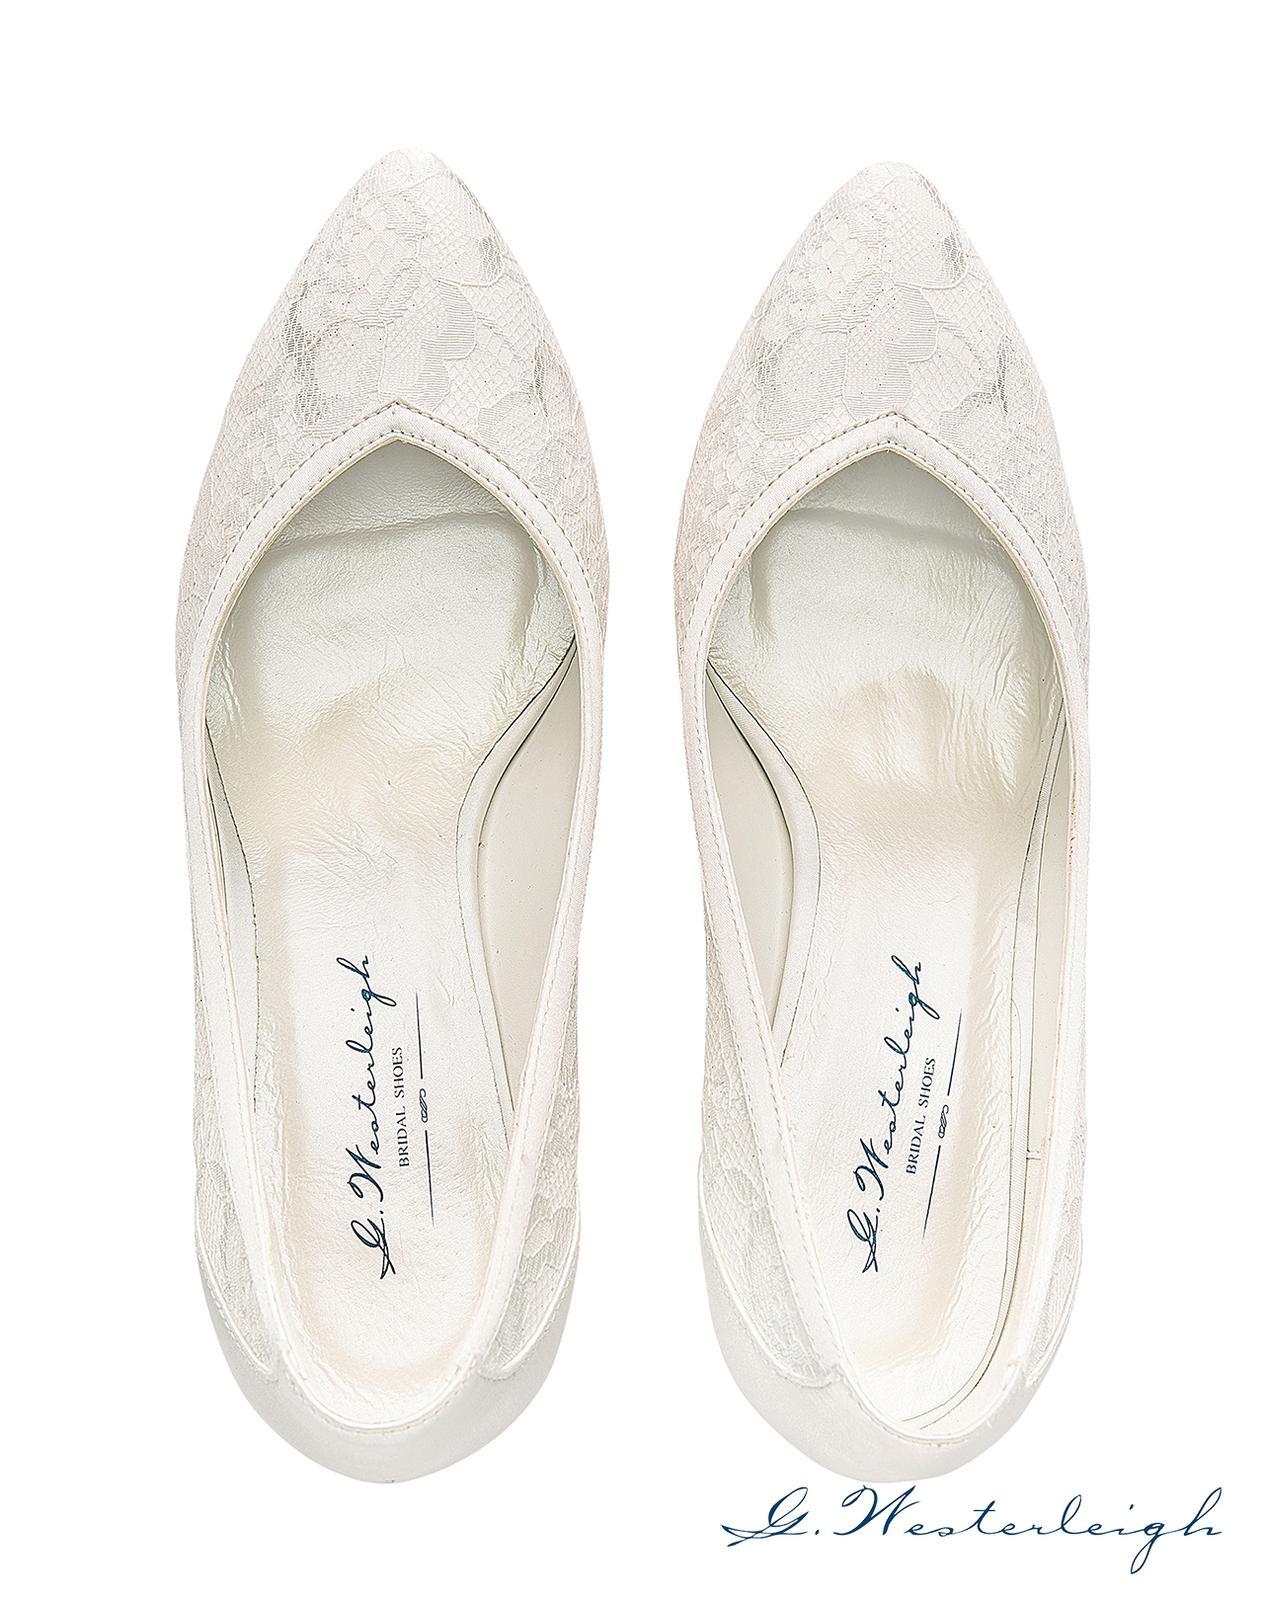 Svadobné topánky Grace - Obrázok č. 3